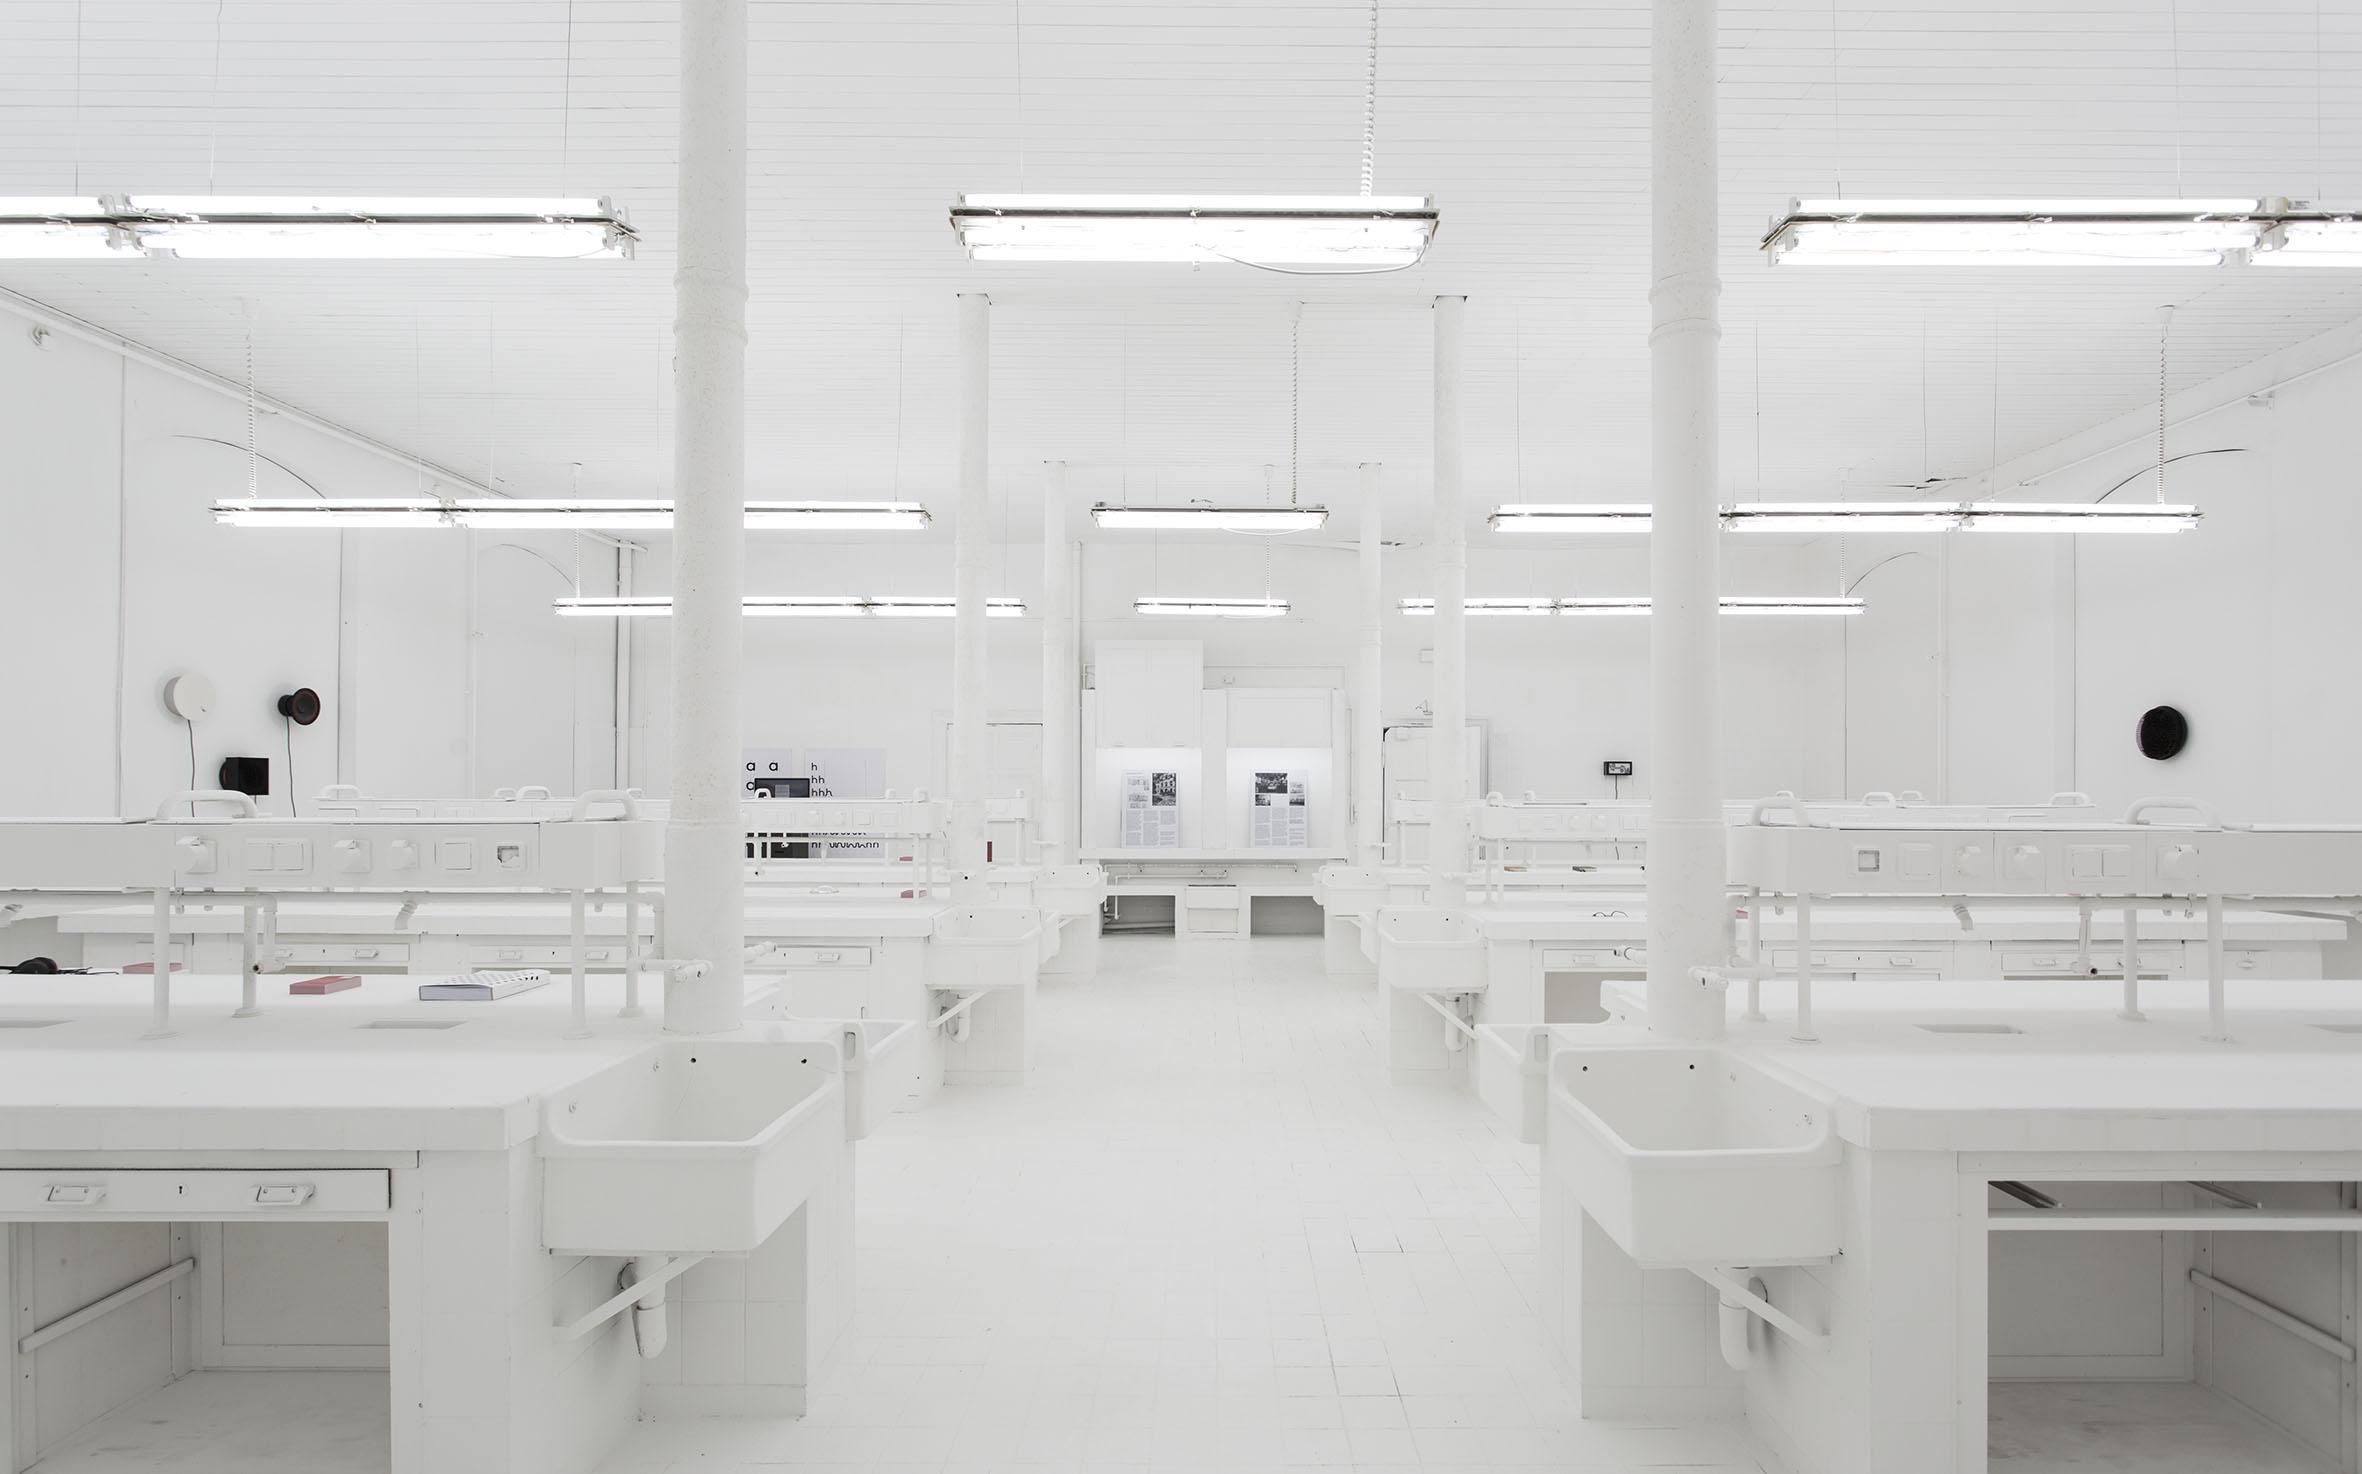 Preisträger des Designpreis Halle 21 ausgezeichnet